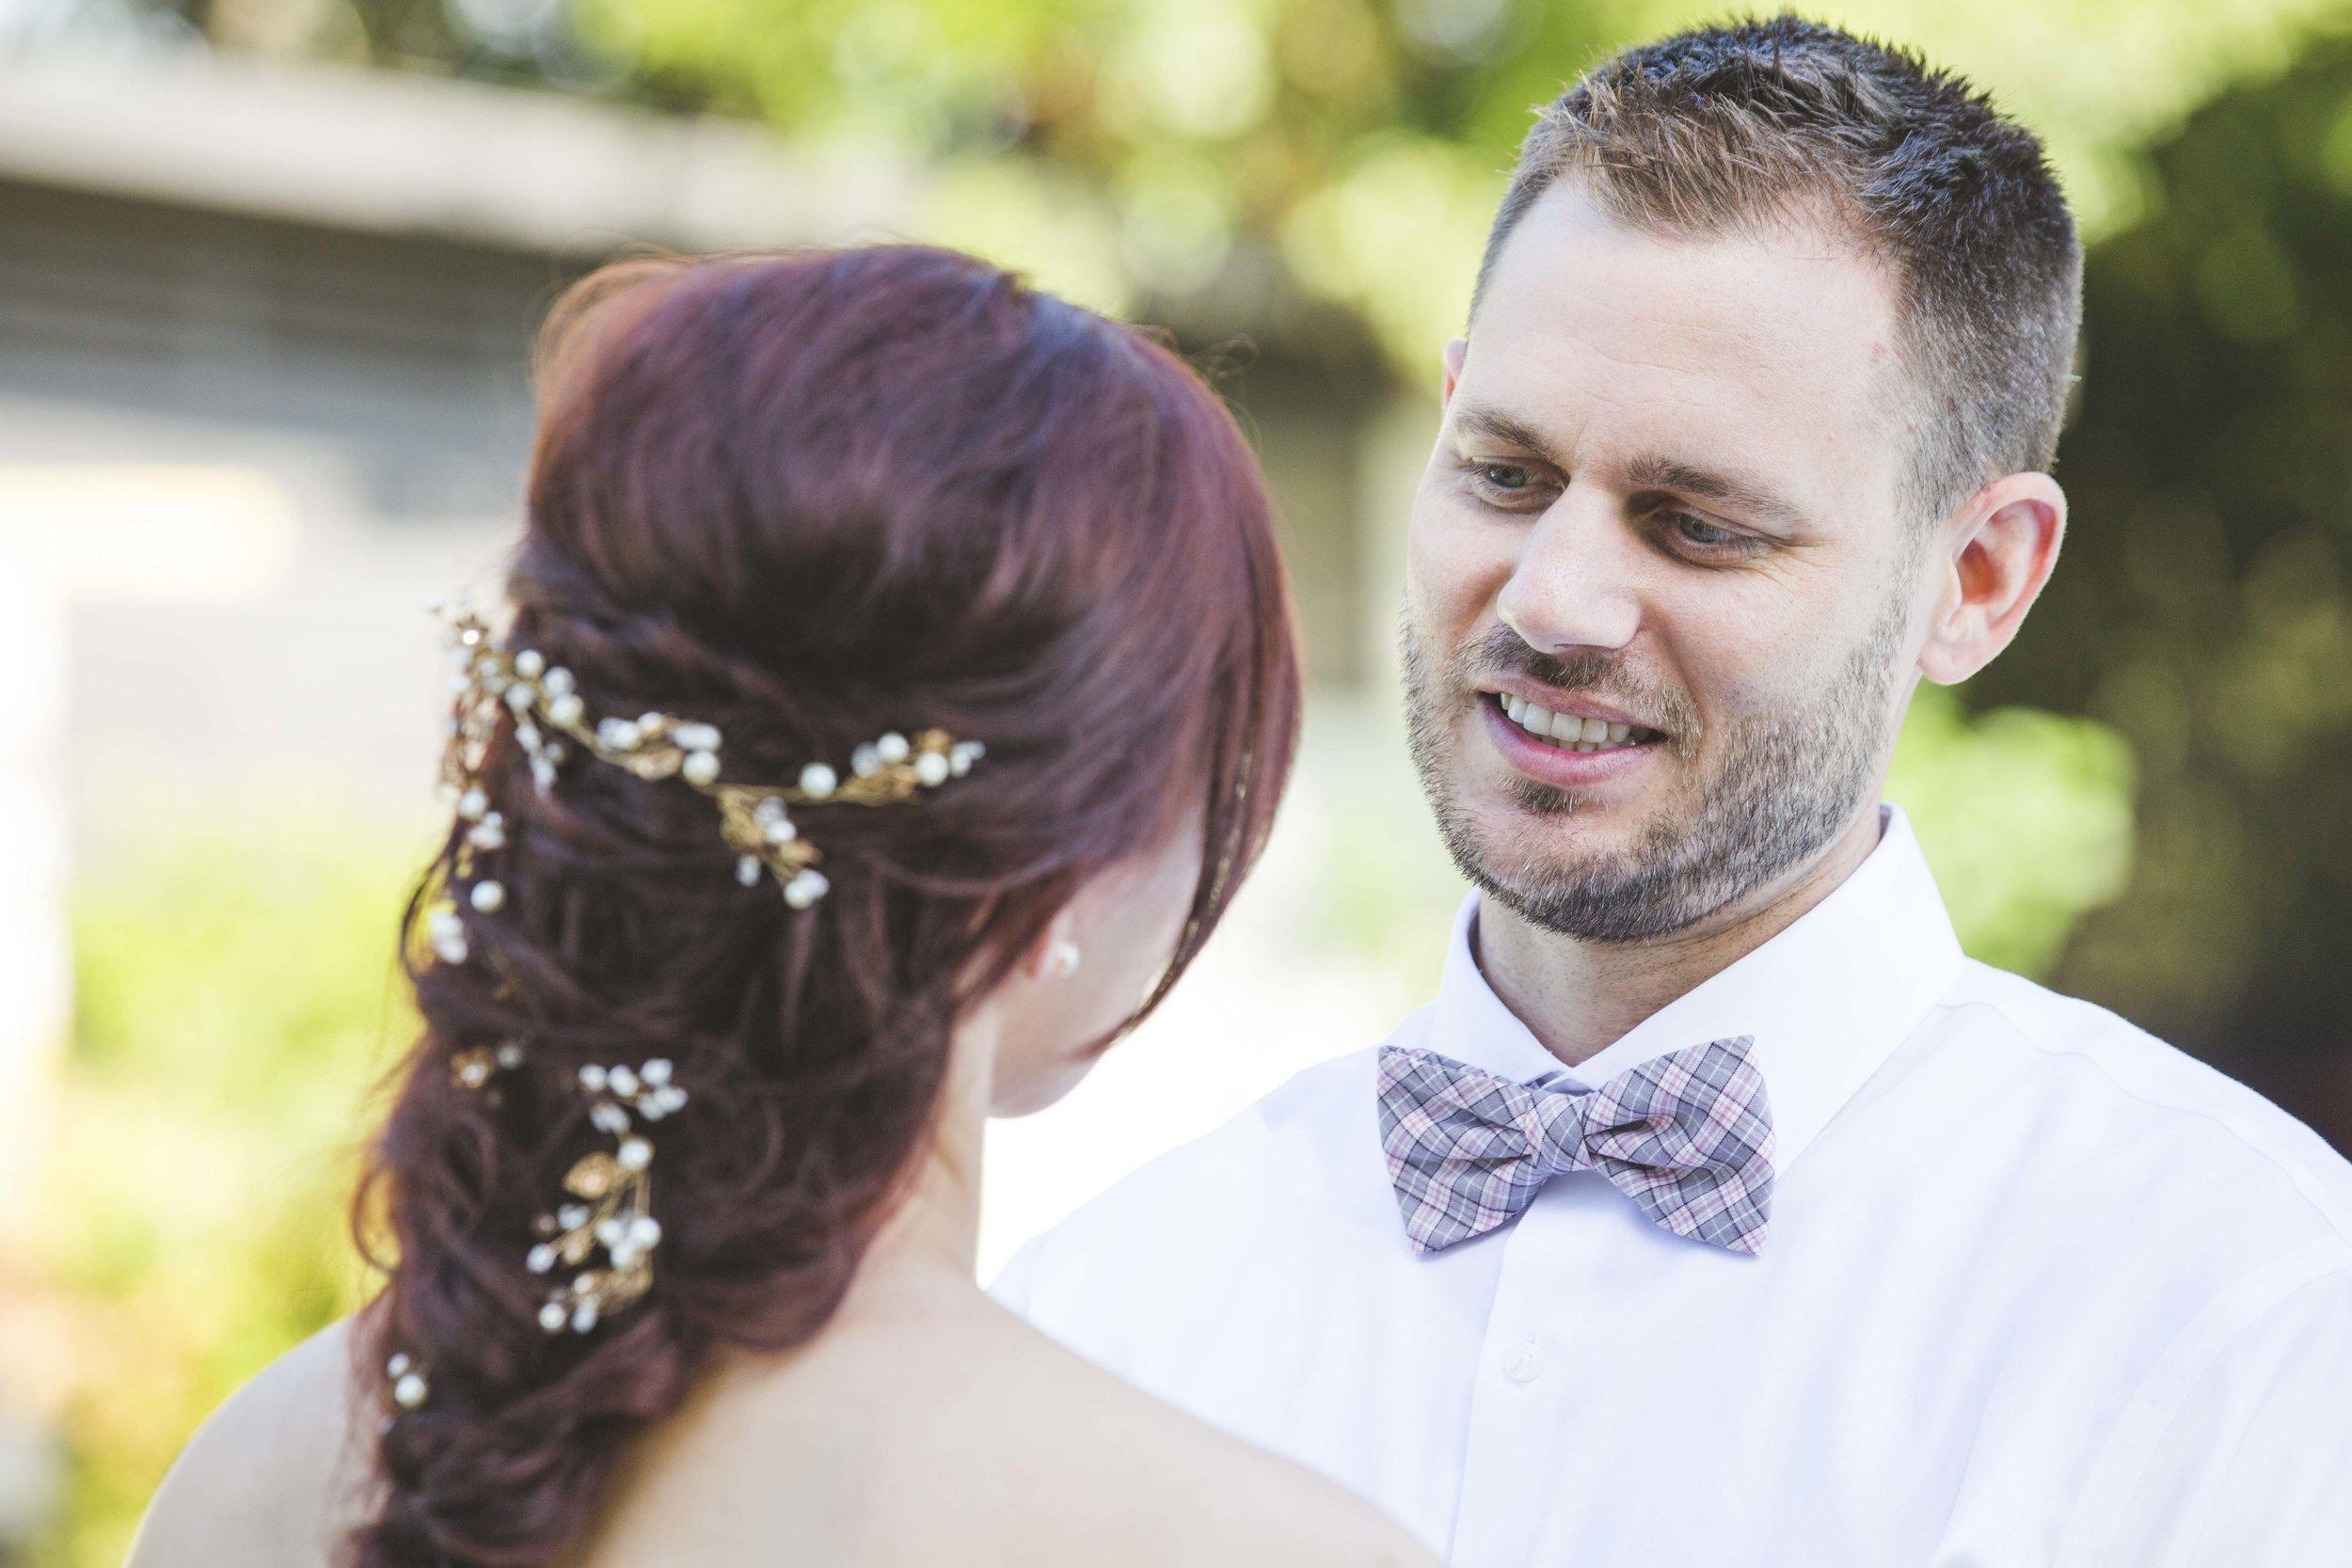 ATGI_Susanna & Matt Wedding_717A7326.jpg